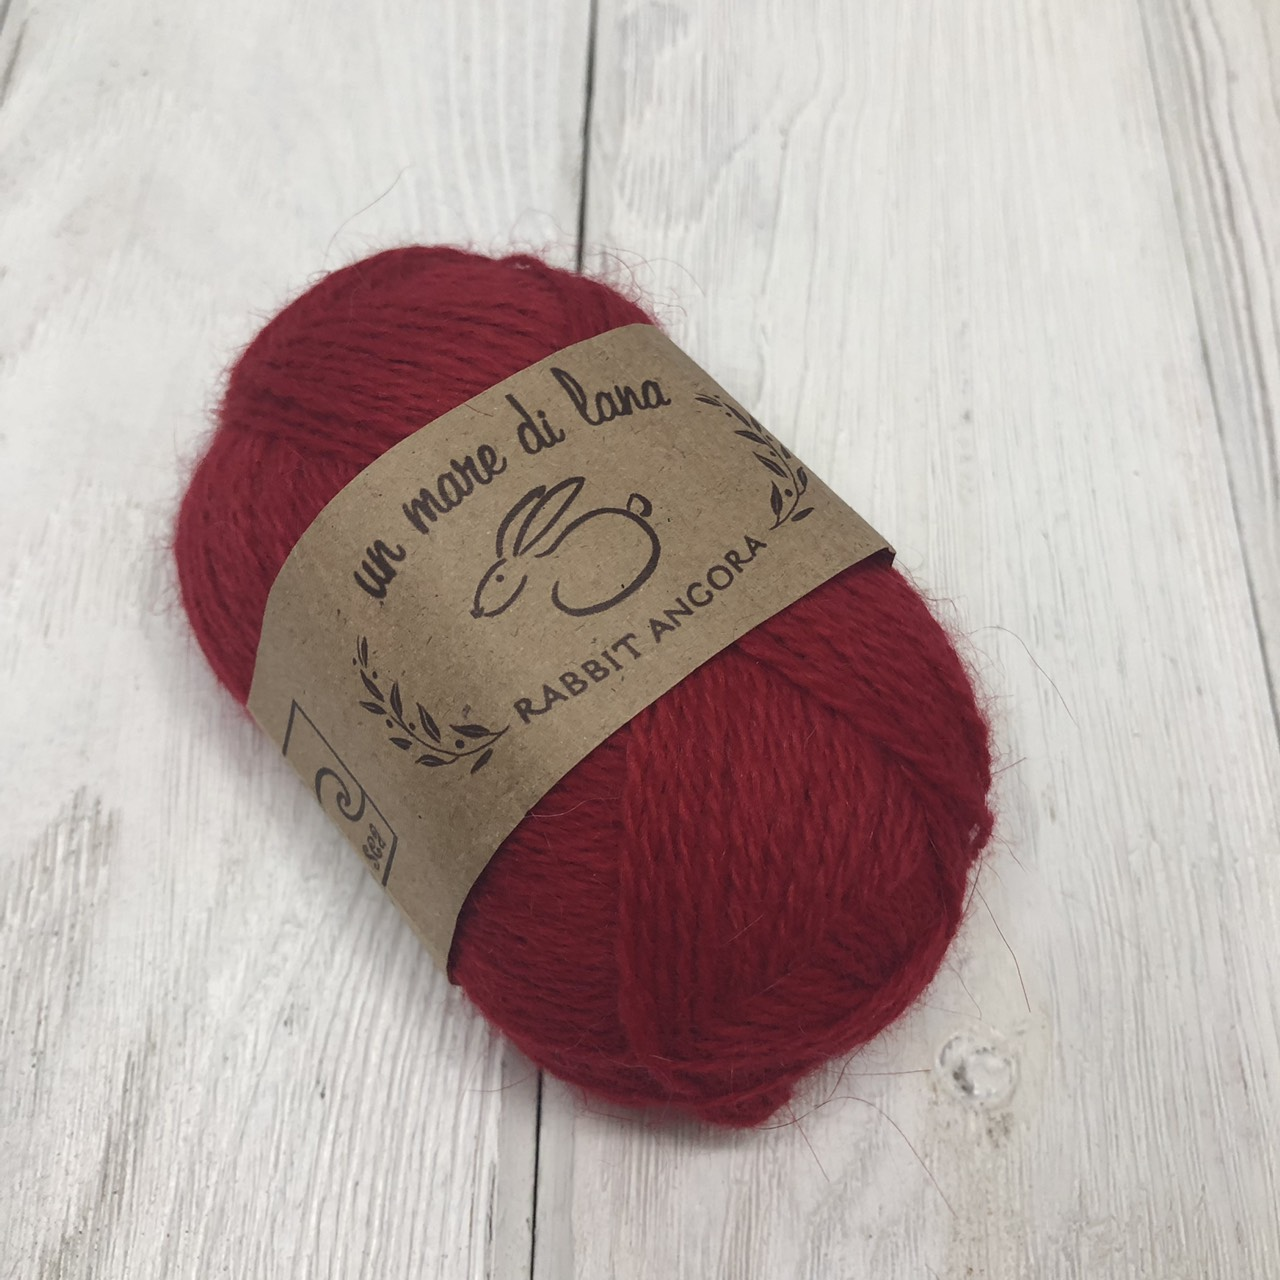 Wool Sea Rabbit Angora (вул сеа Ангора Кролик) 06 - красный купить со скидкой в Беларуси